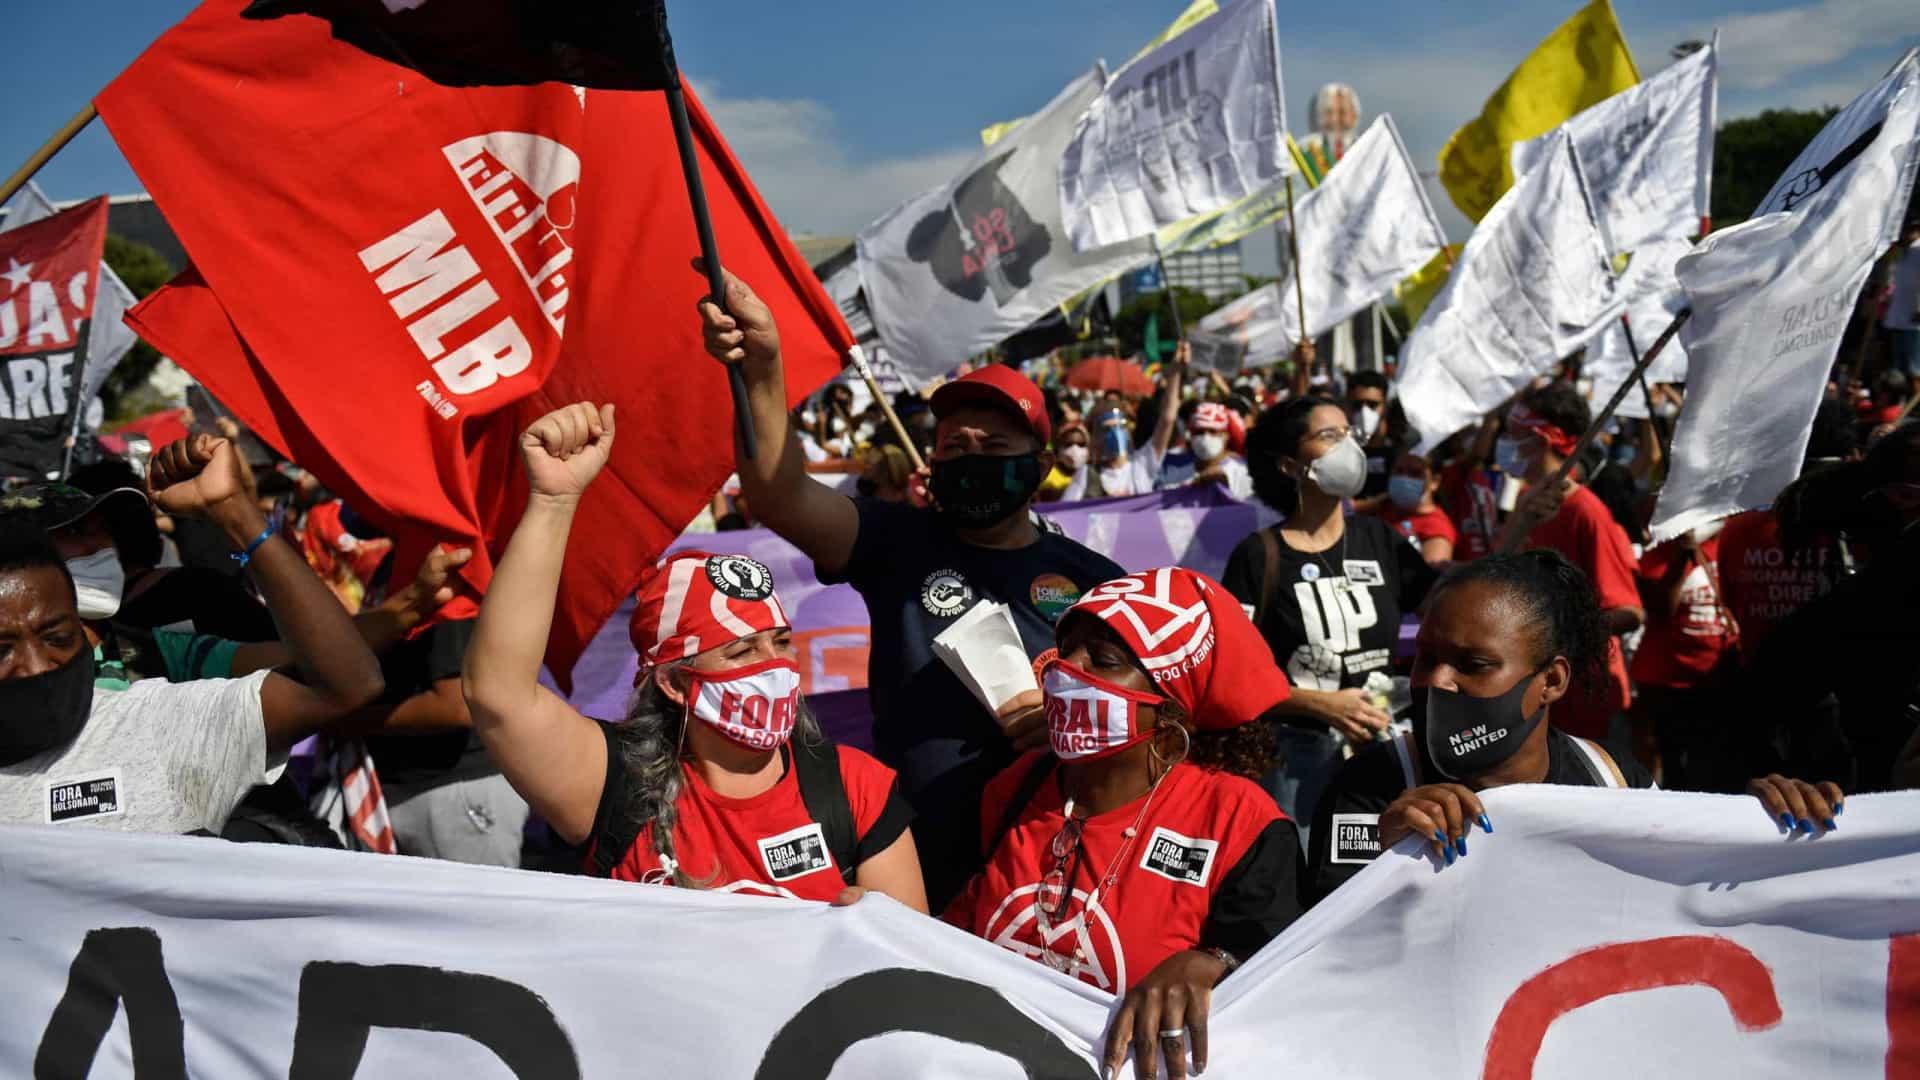 Durante ato contra Bolsonaro, agências bancárias são depredadas em São Paulo